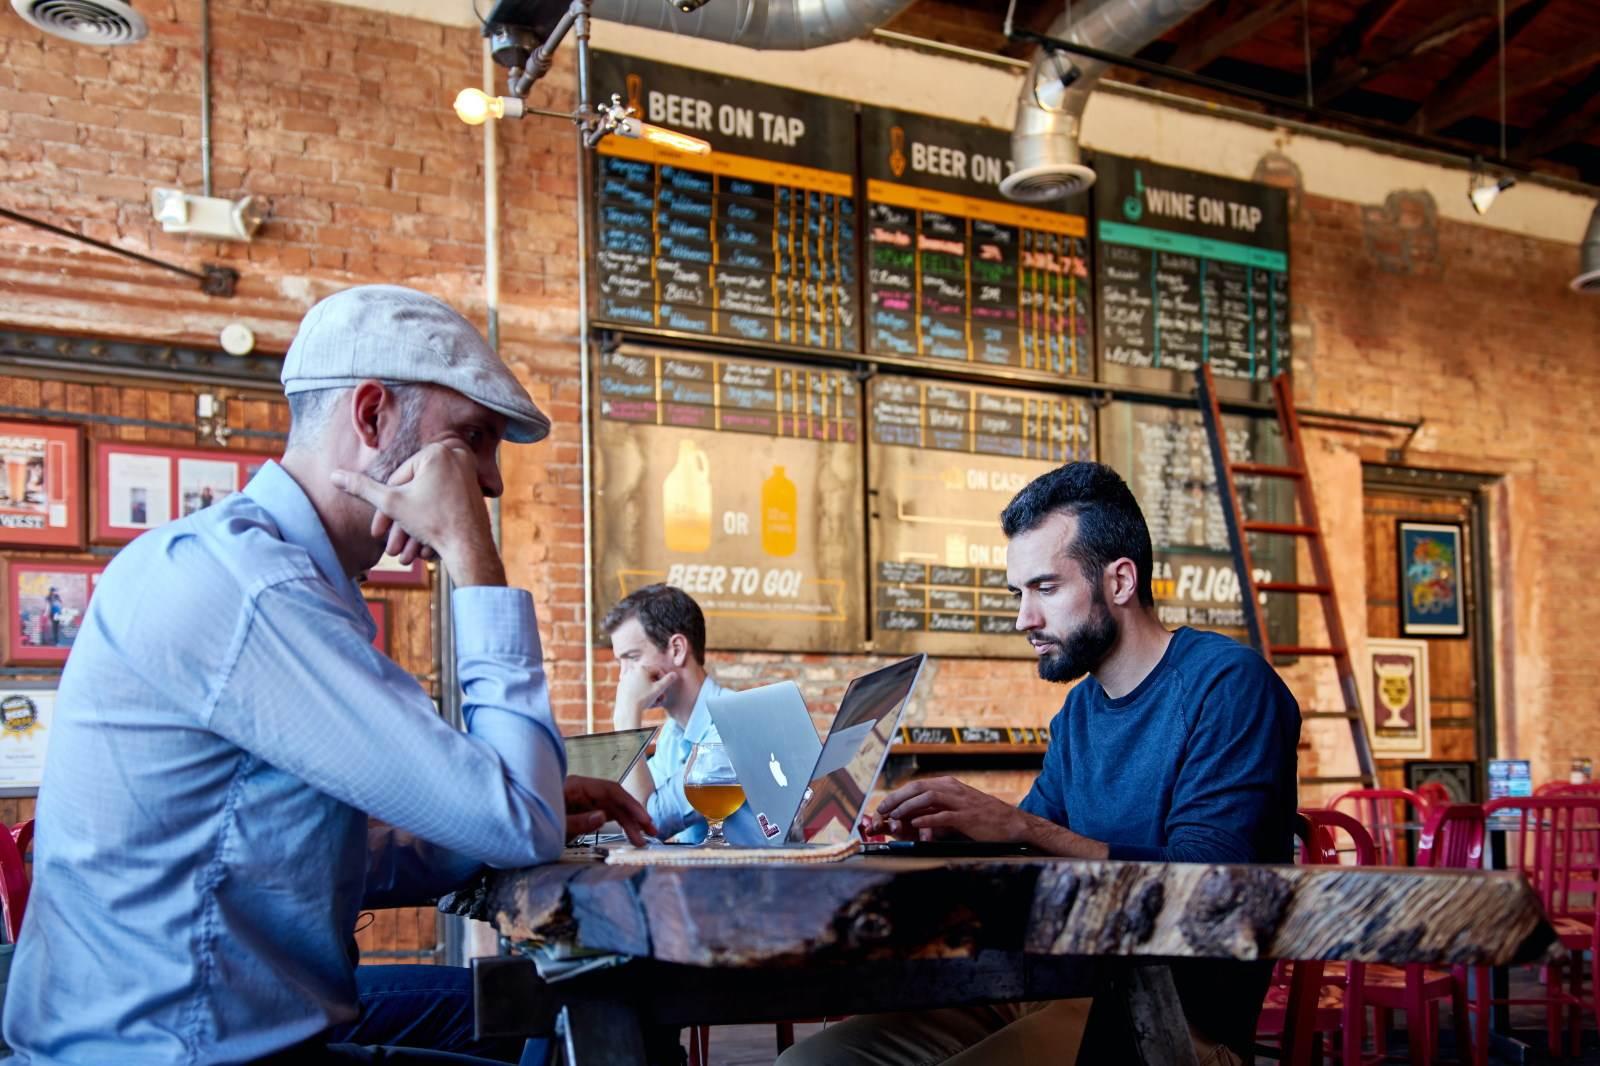 Zaposleni rade iz kafića